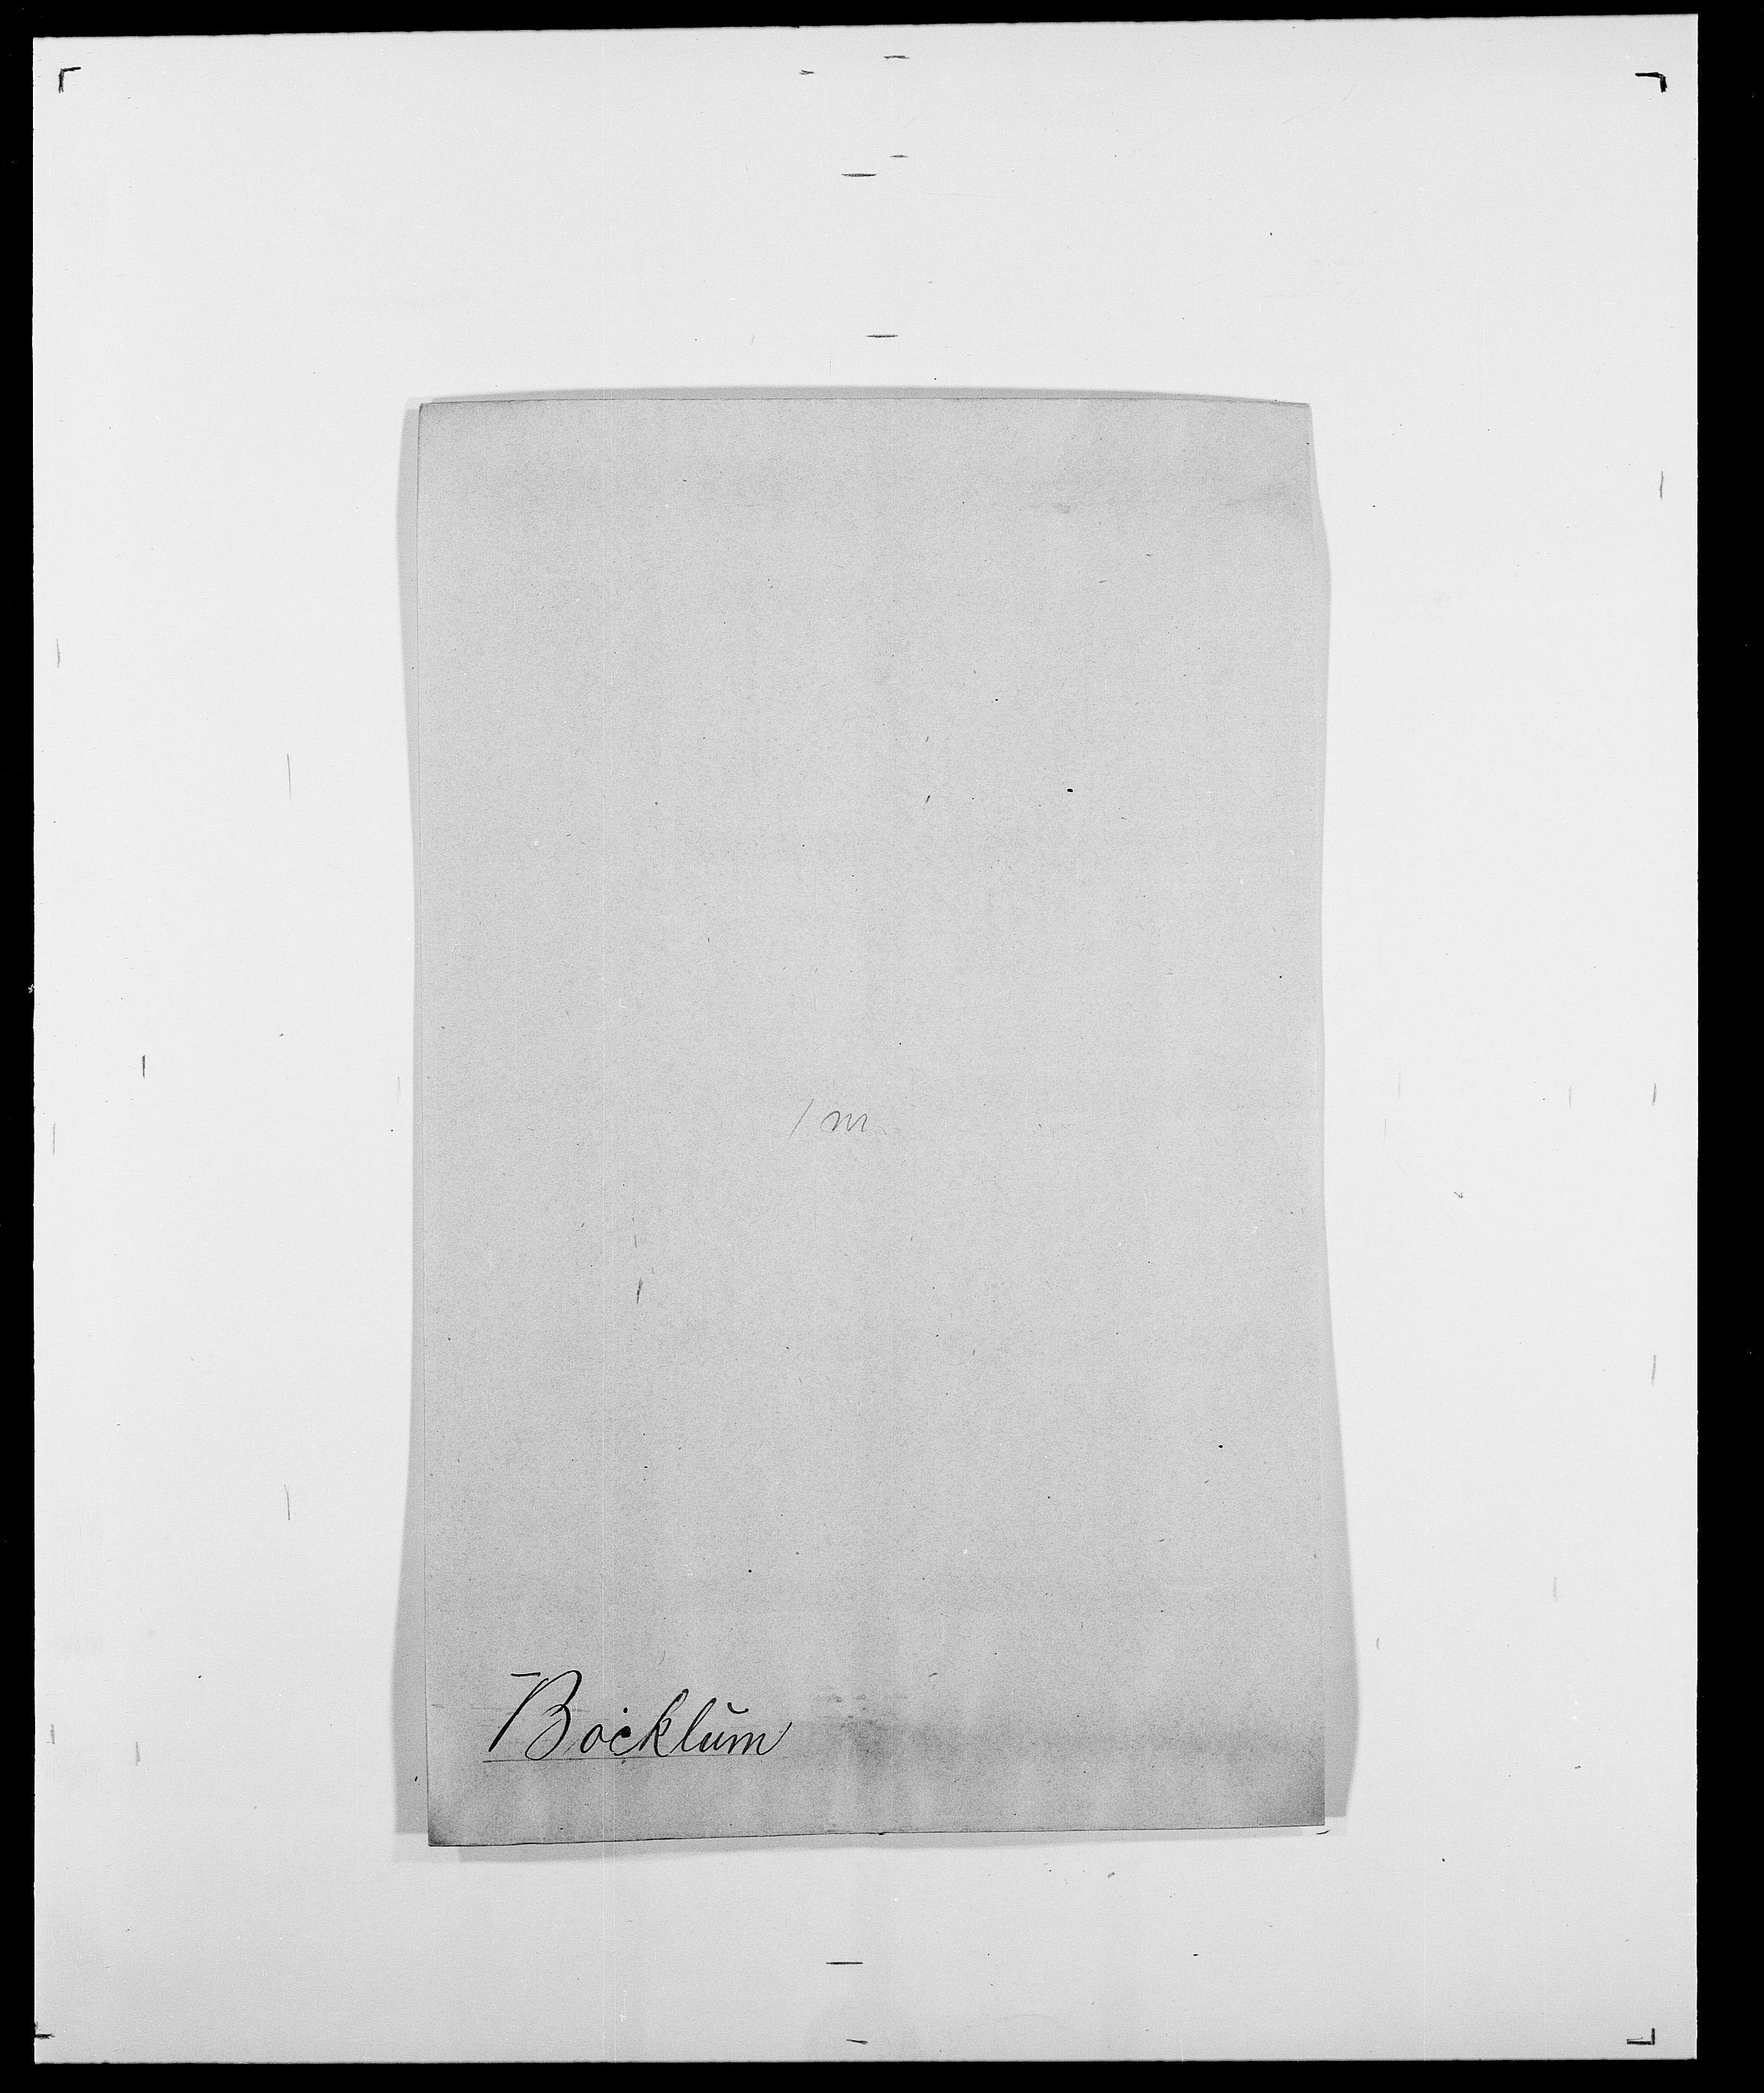 SAO, Delgobe, Charles Antoine - samling, D/Da/L0005: Boalth - Brahm, s. 12